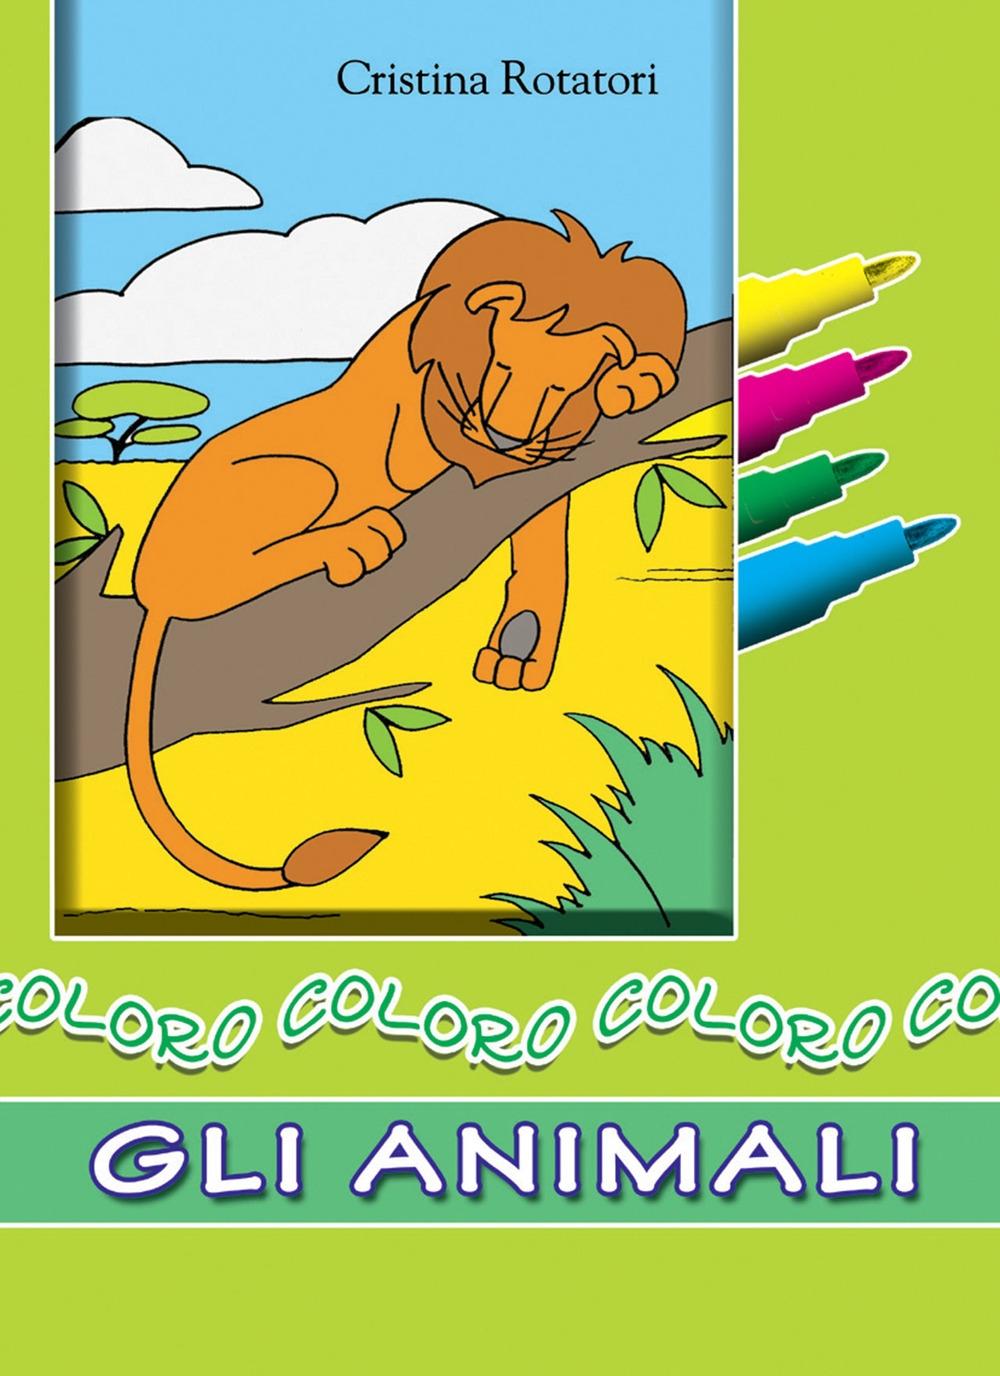 Coloro gli animali